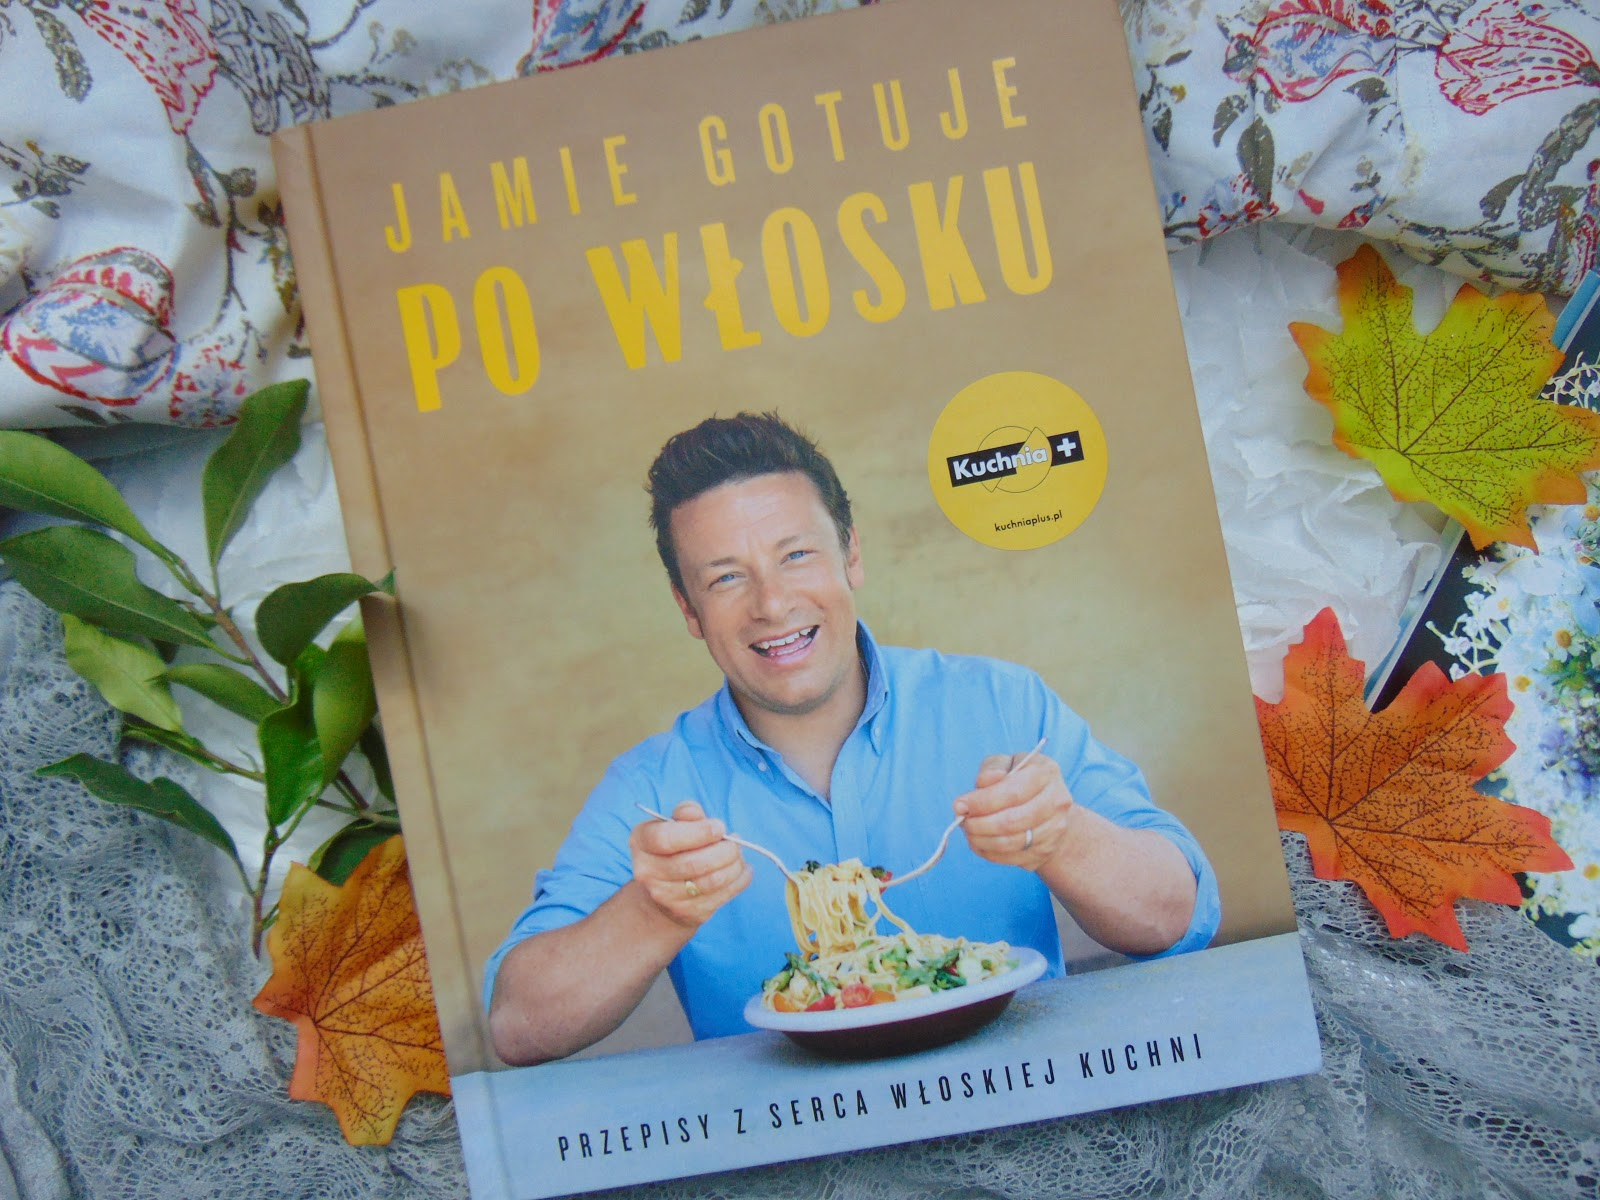 Jamie Gotuje Po Włosku Przepisy Z Serca Włoskiej Kuchni